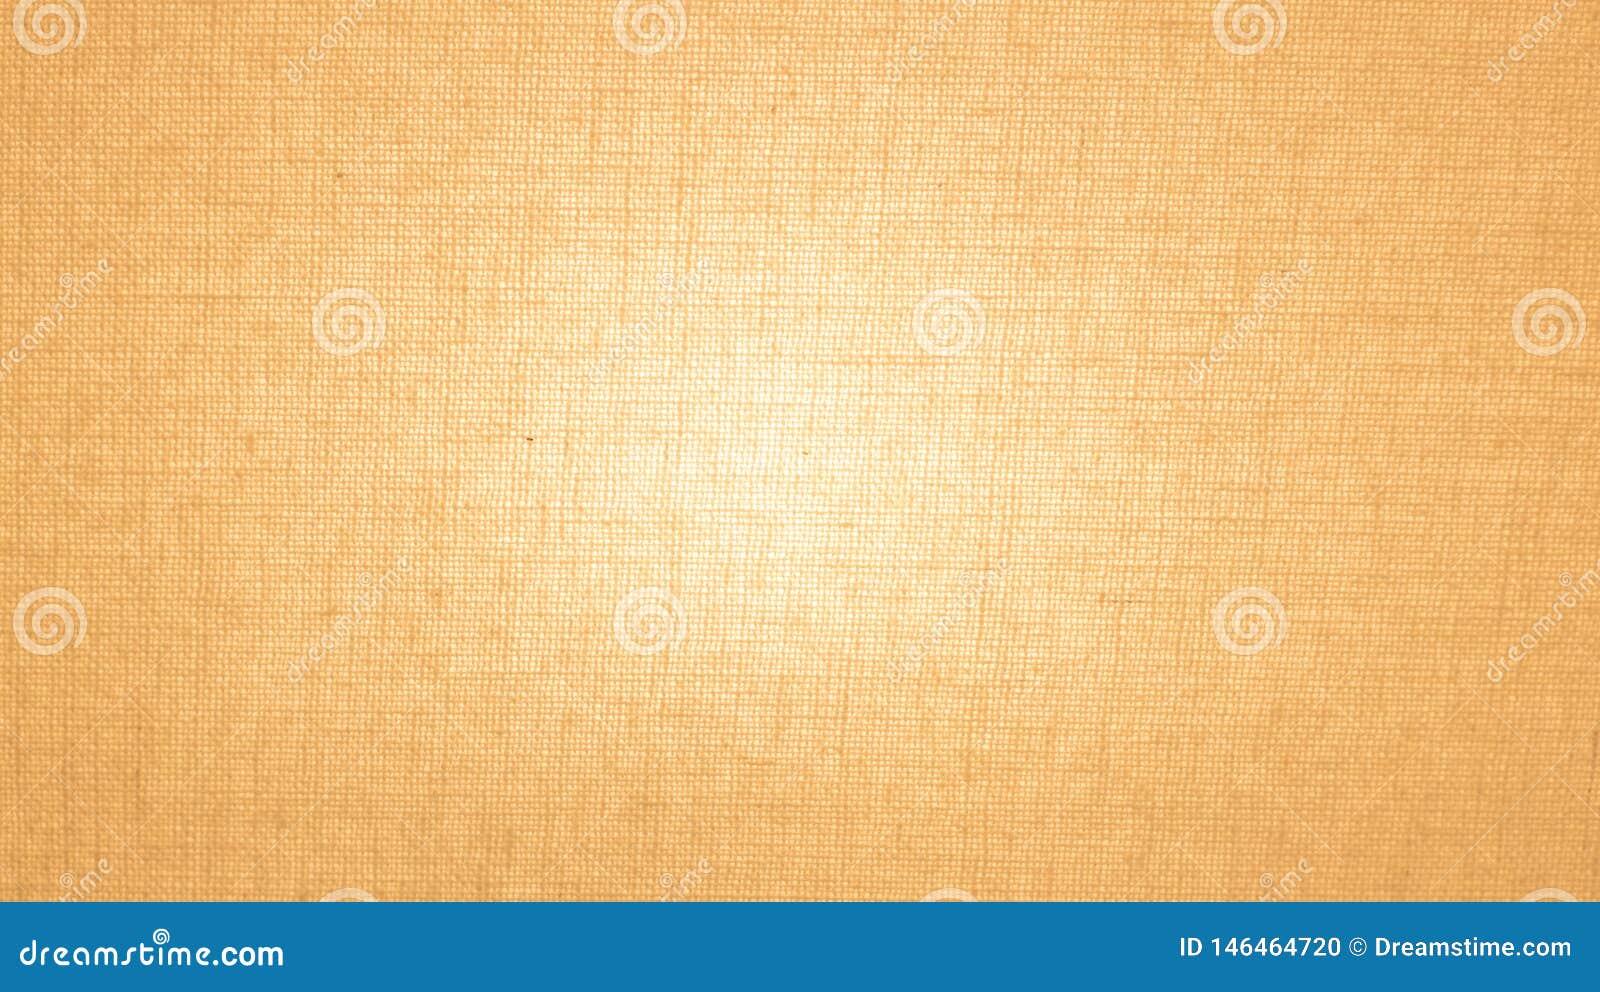 Ήρεμος-αίσθημα του υλικού, δροσερού υλικού, μπεζ χρώματος λινού